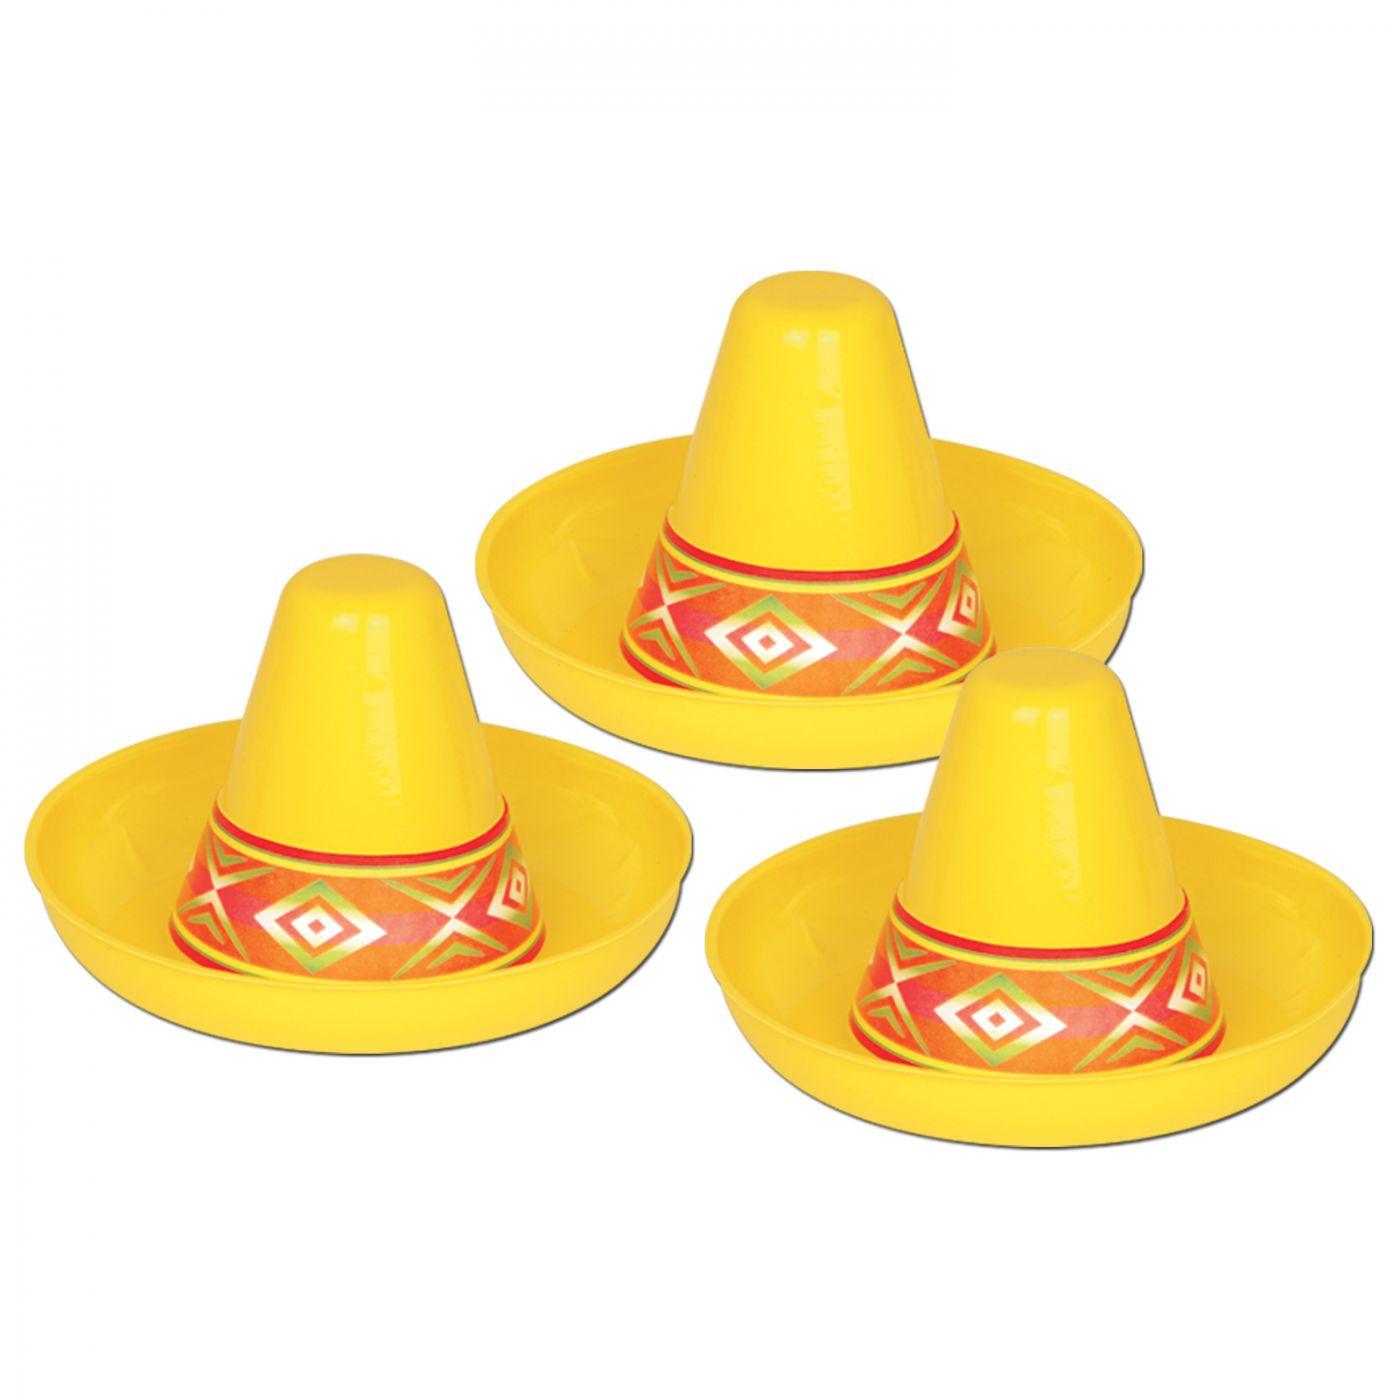 Miniature Yellow Plastic Sombrero (48) image